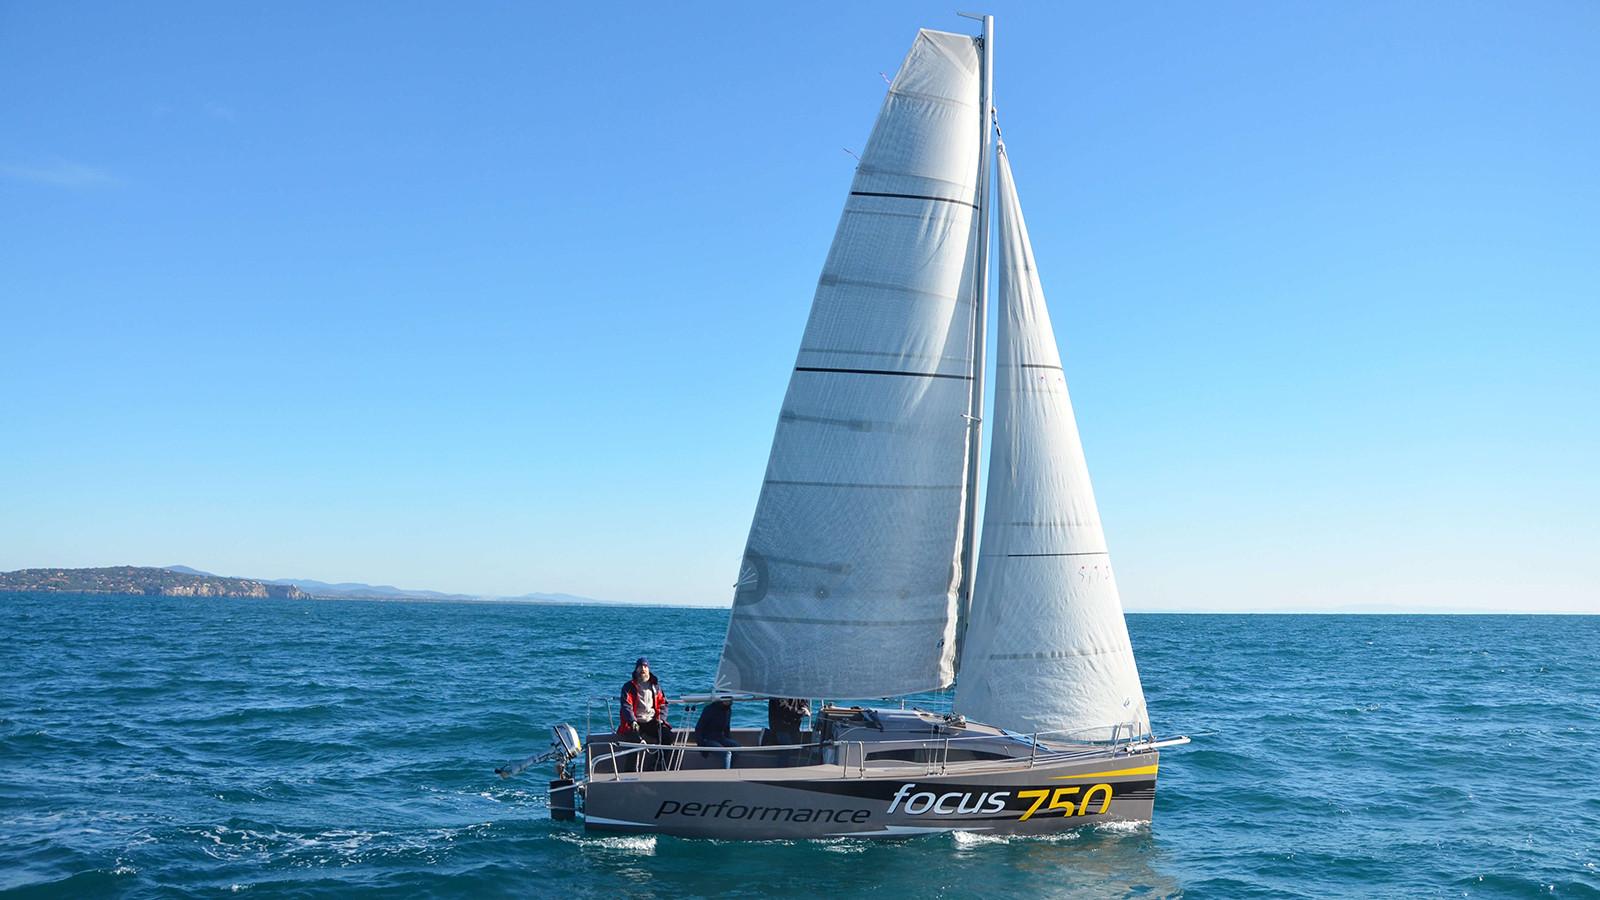 Focus 750 performance - 4